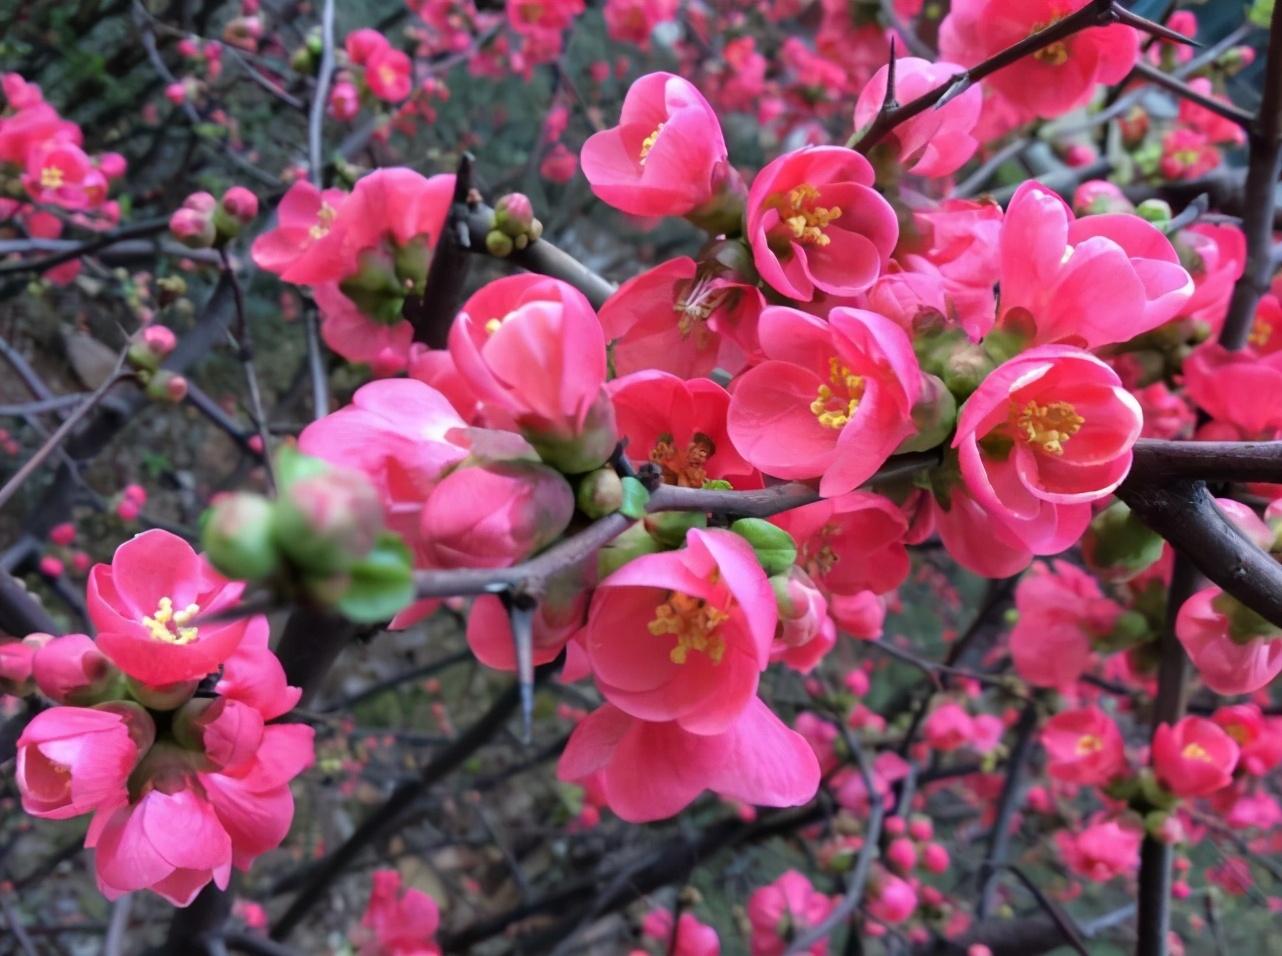 关于梅花的诗句古诗大全-歌颂梅花精神的诗句